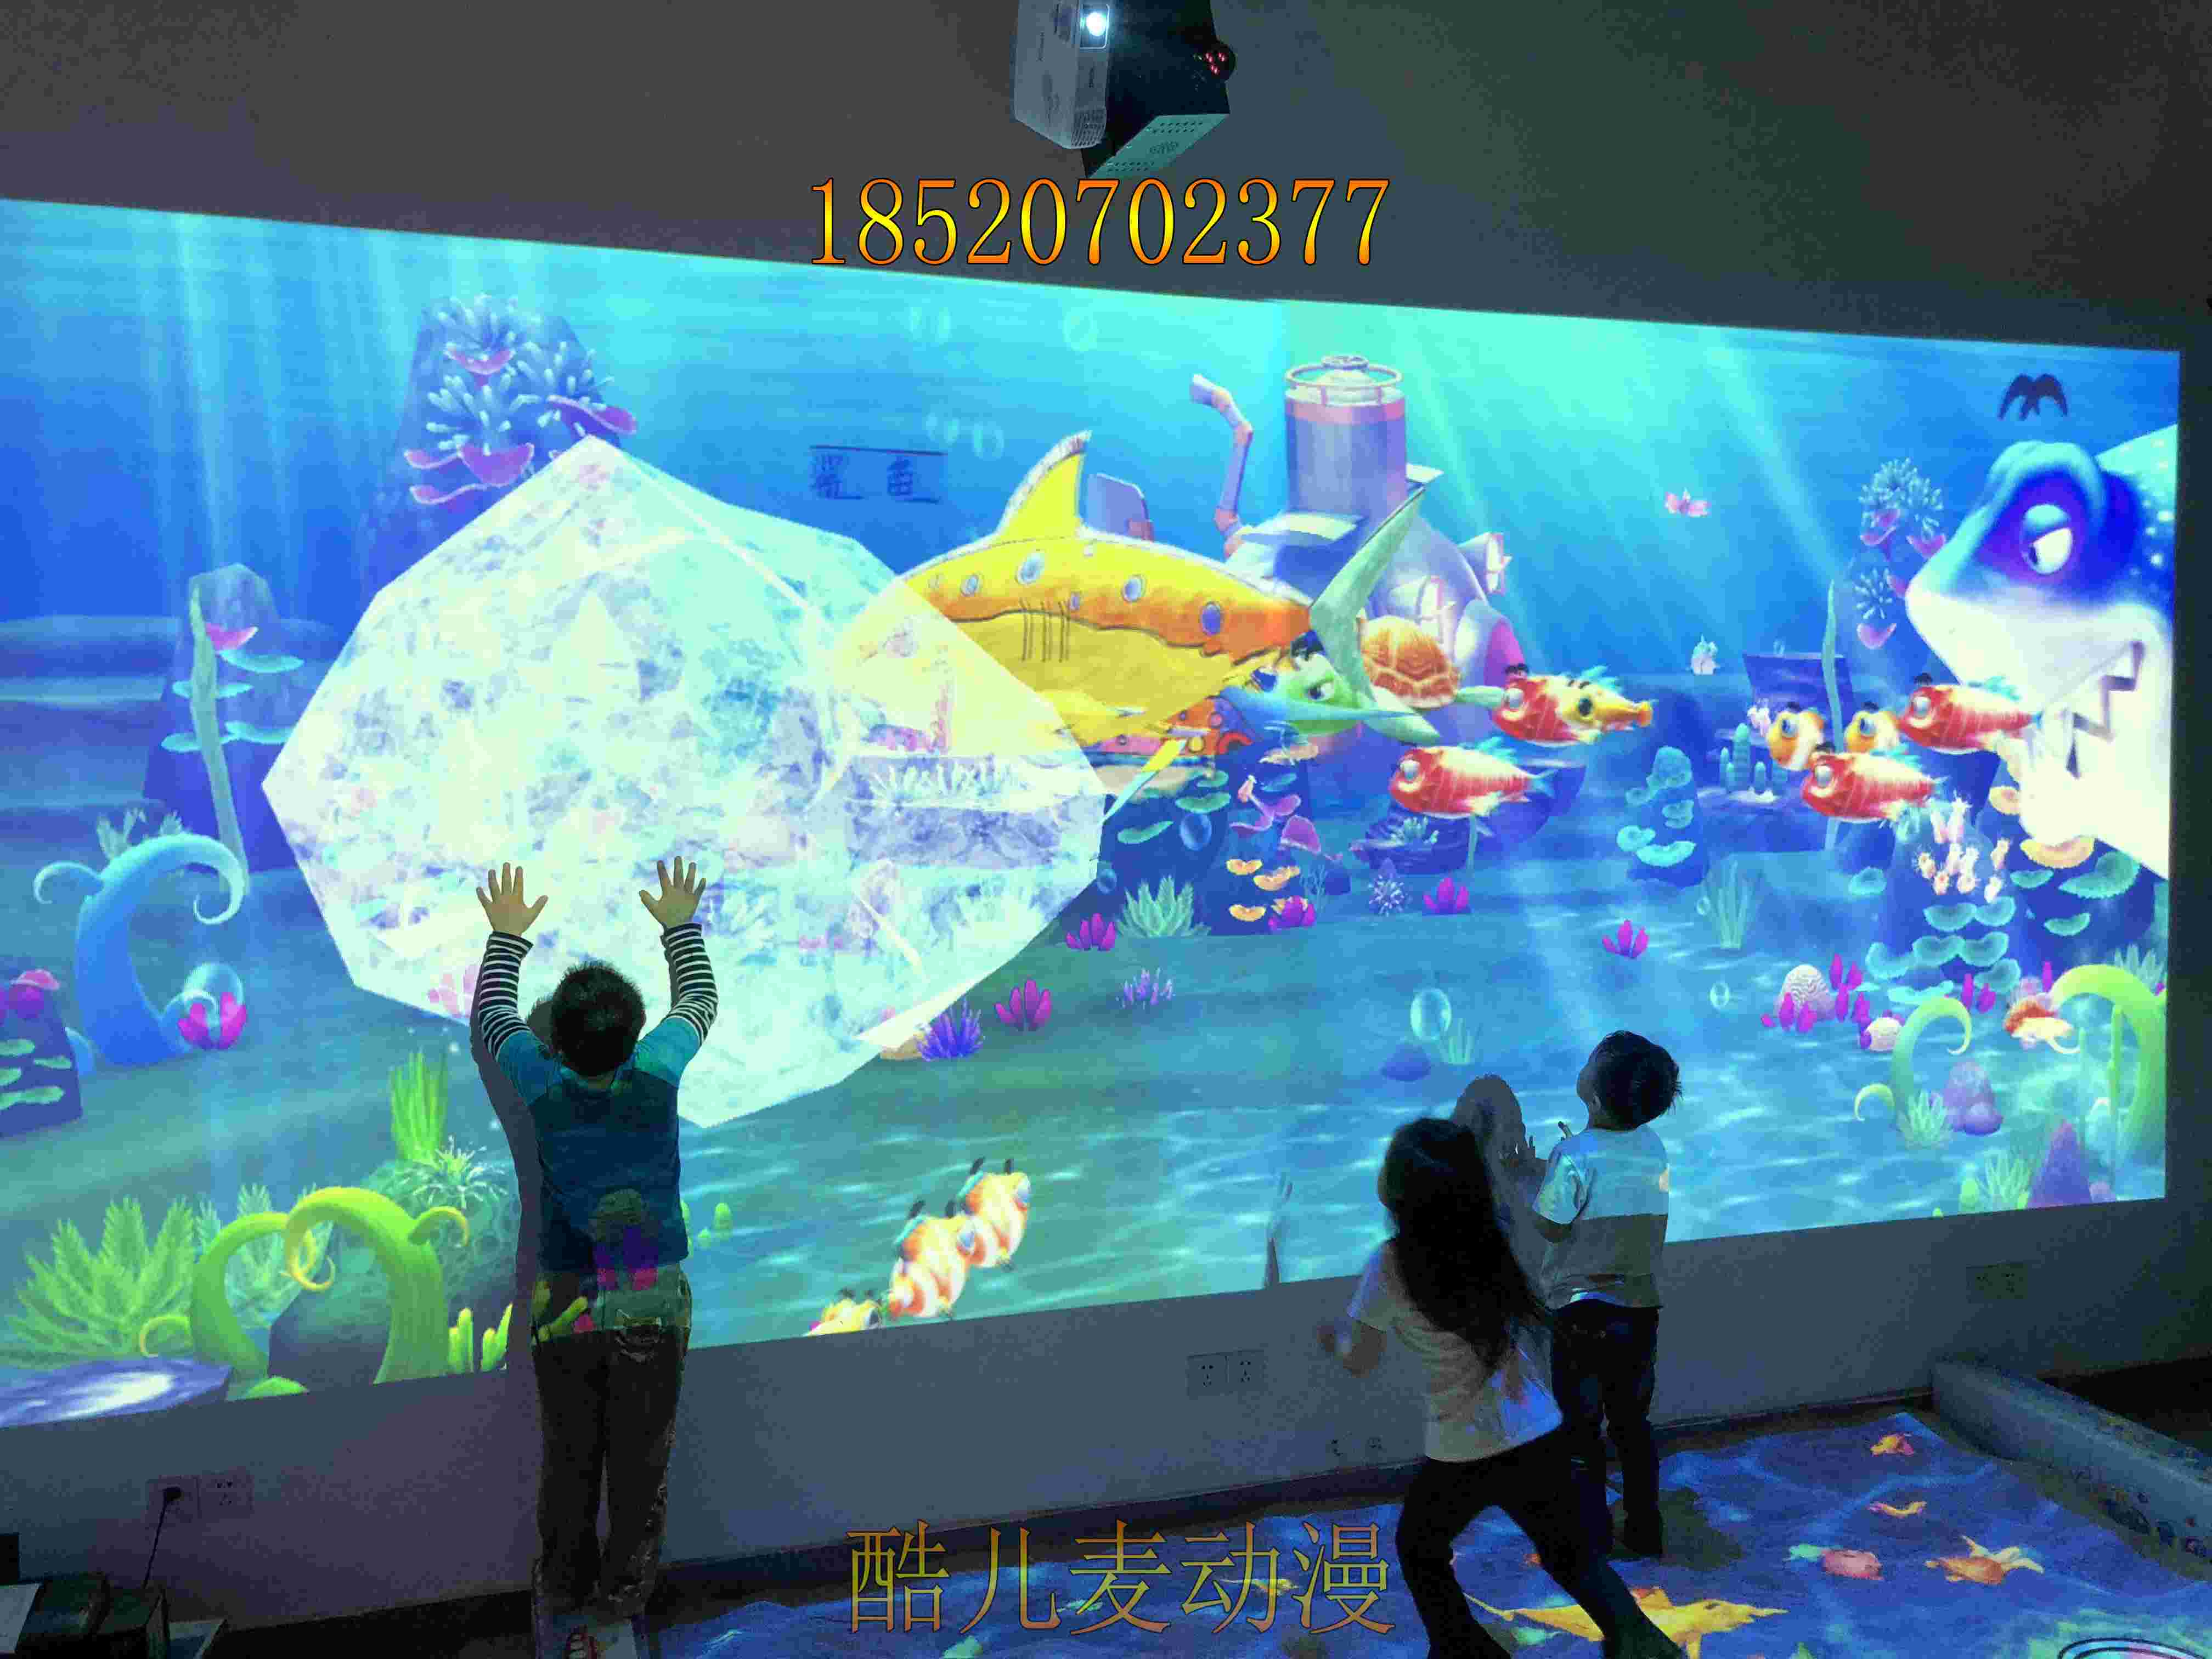 展馆互动投影|什么样的互动水族馆投影游乐设备价格实惠